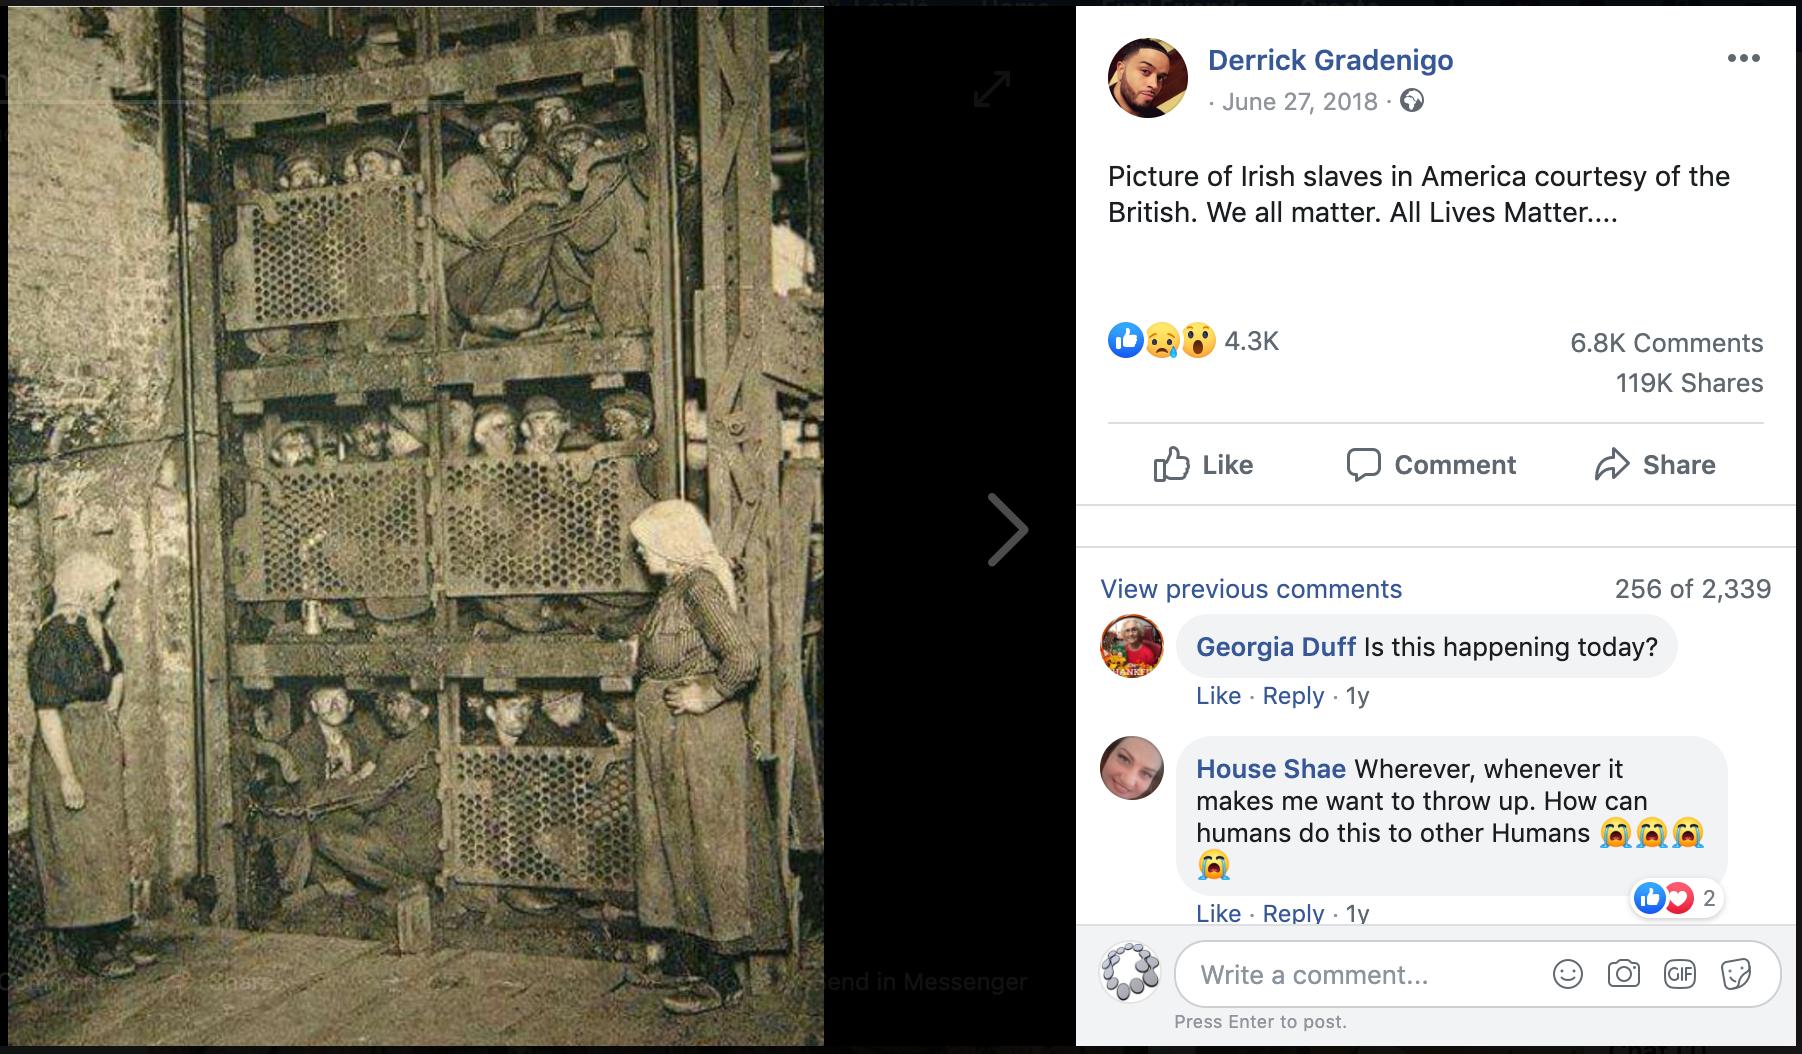 A bányaliftbe zsúfolt férfiak fényképét több mint százezren osztották meg ellentmondásos és valószínűleg hamis képleírásokkal, amelyek közül sokan politikai narratívát adtak a képhez. Ilyen példa a képen látható Facebook-bejegyzés is, amelyben a feltöltő azt állítja, hogy az Amerikában készült képen ír rabszolgákat láthatunk.